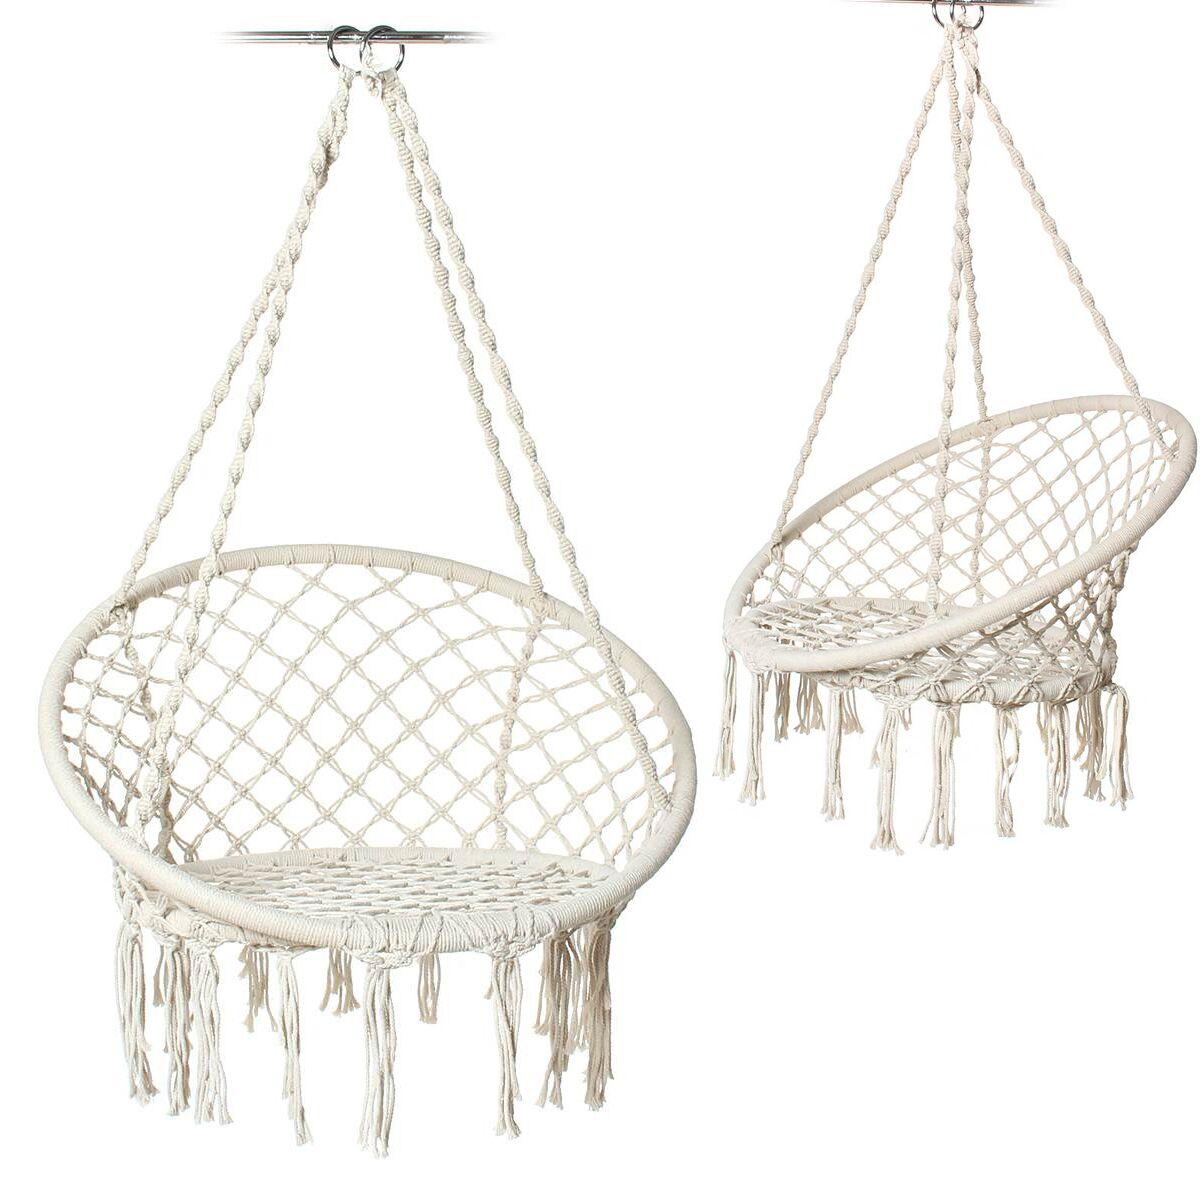 Подвесное кресло-гамак, качели из хлопчатобумажной веревки, для спальни, балкона, крыльца